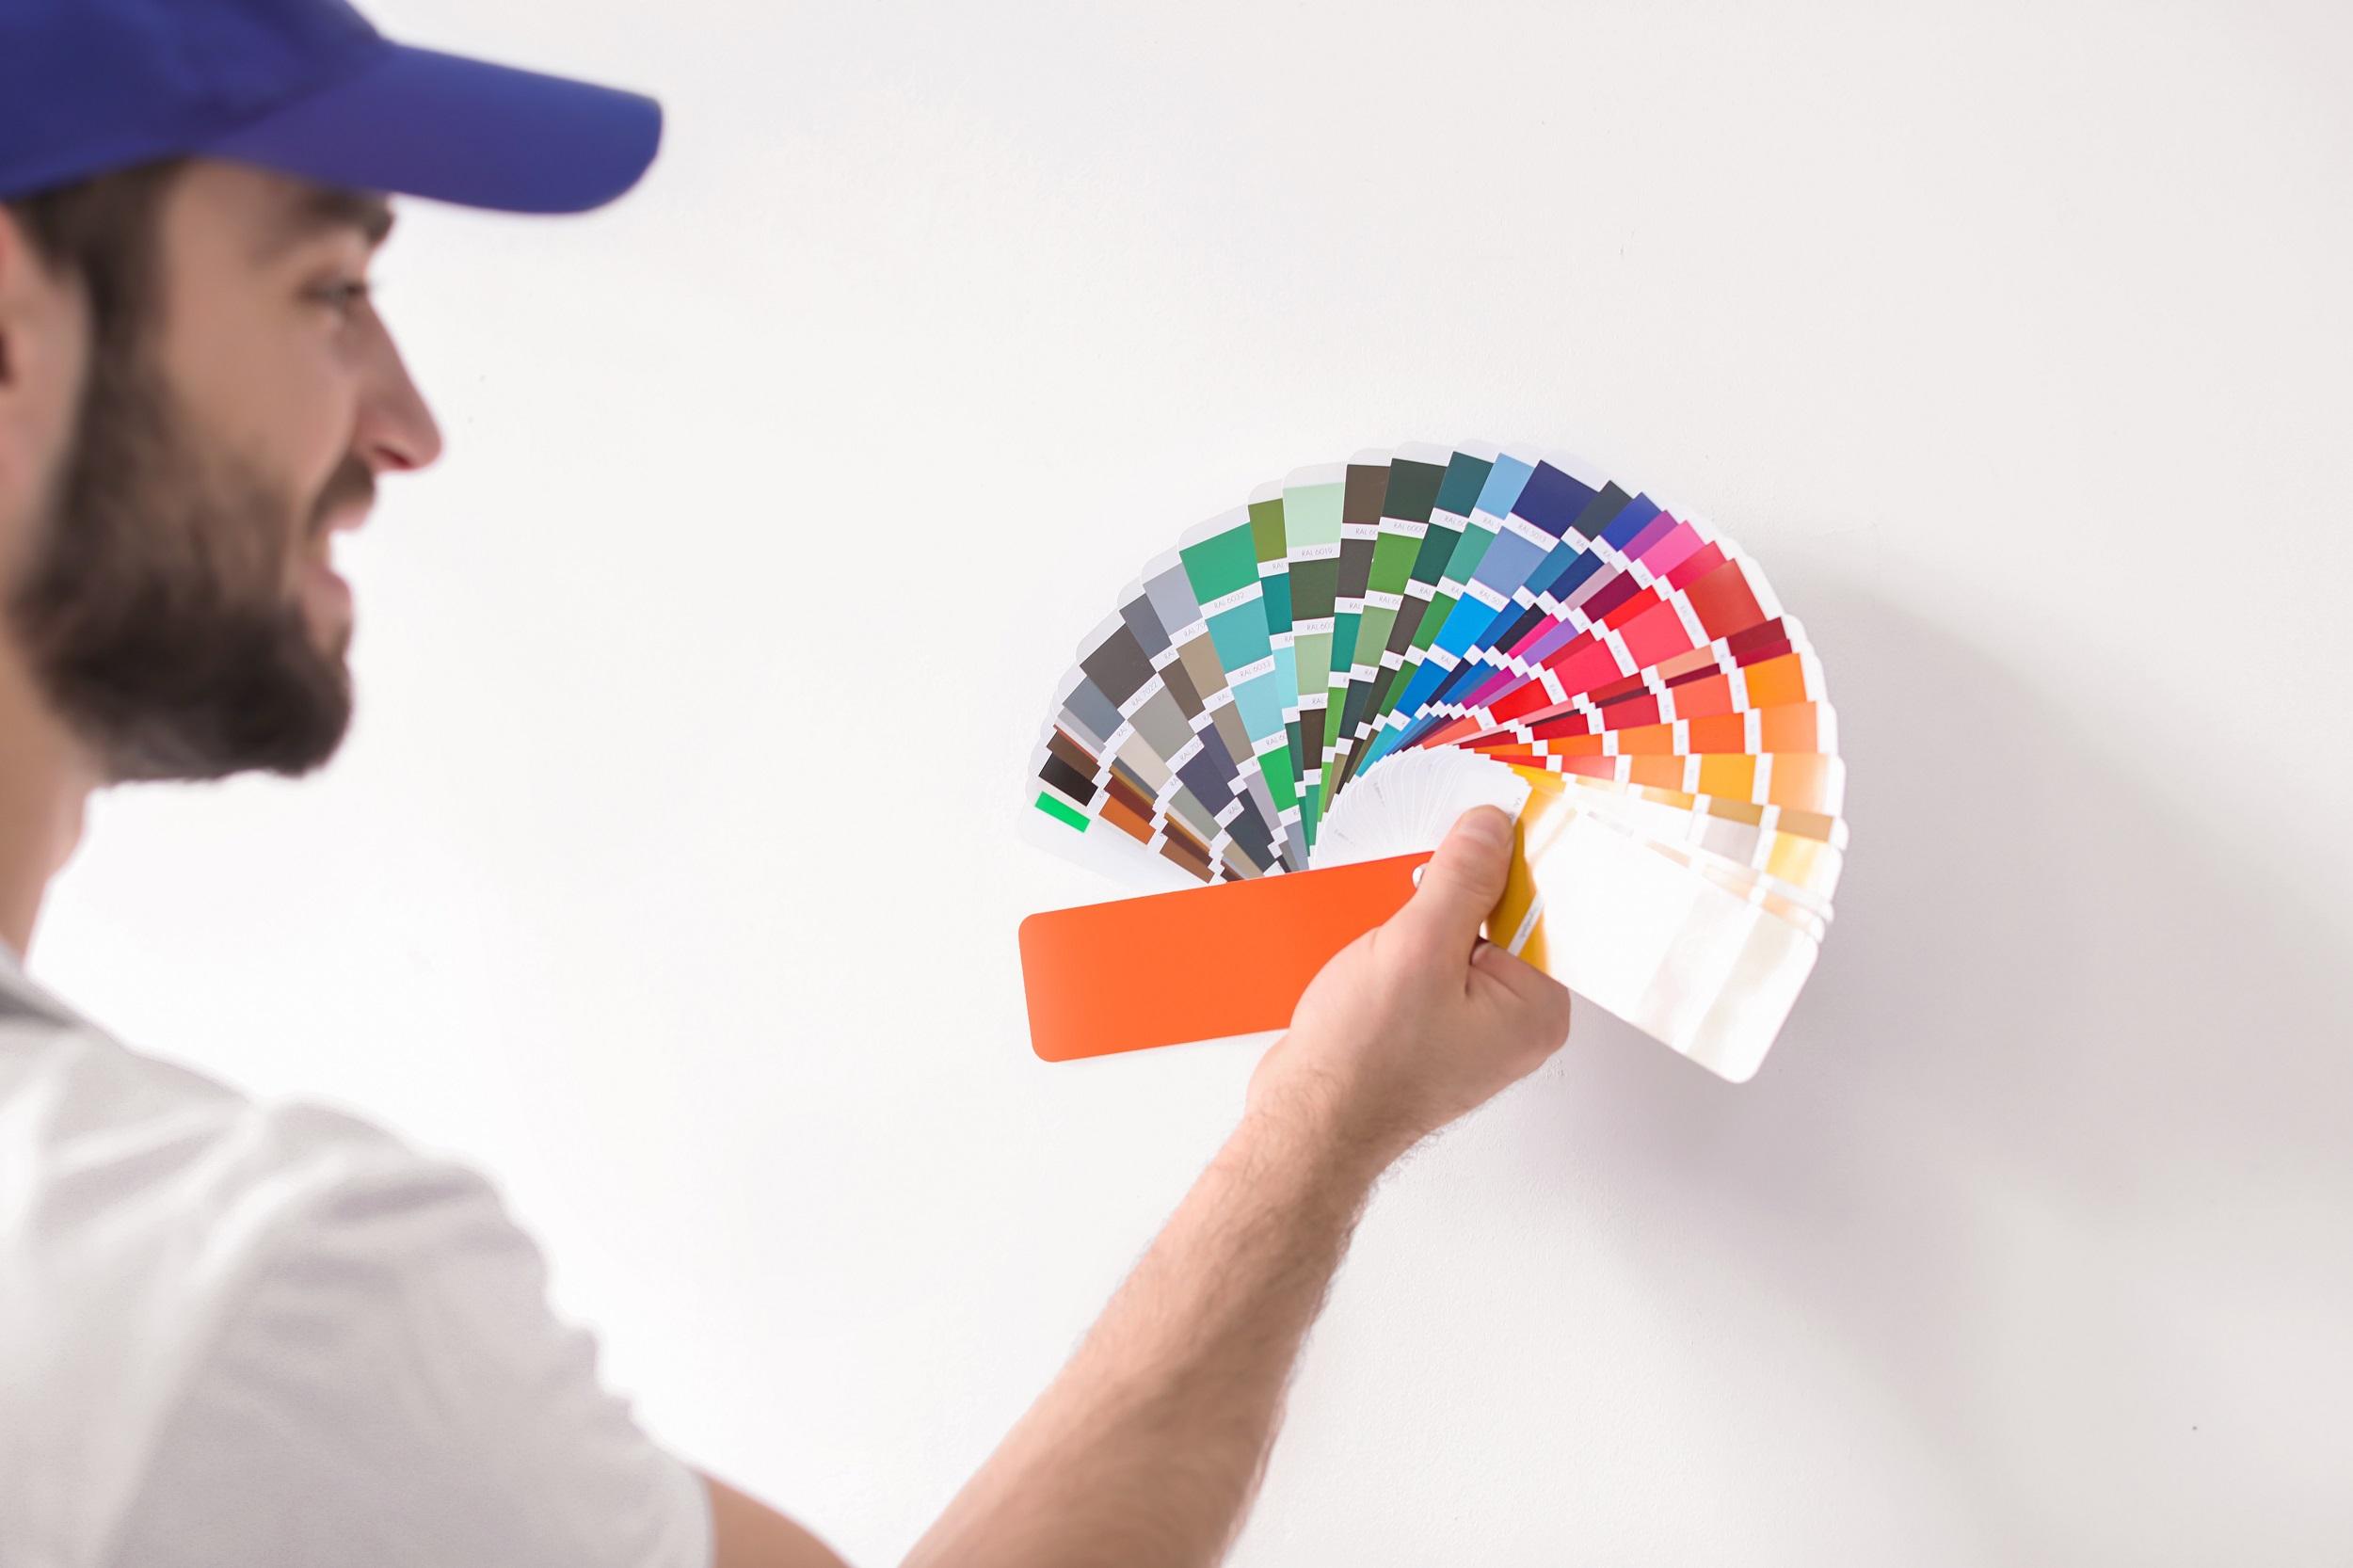 שילוב צבעים בעת צביעת דירה